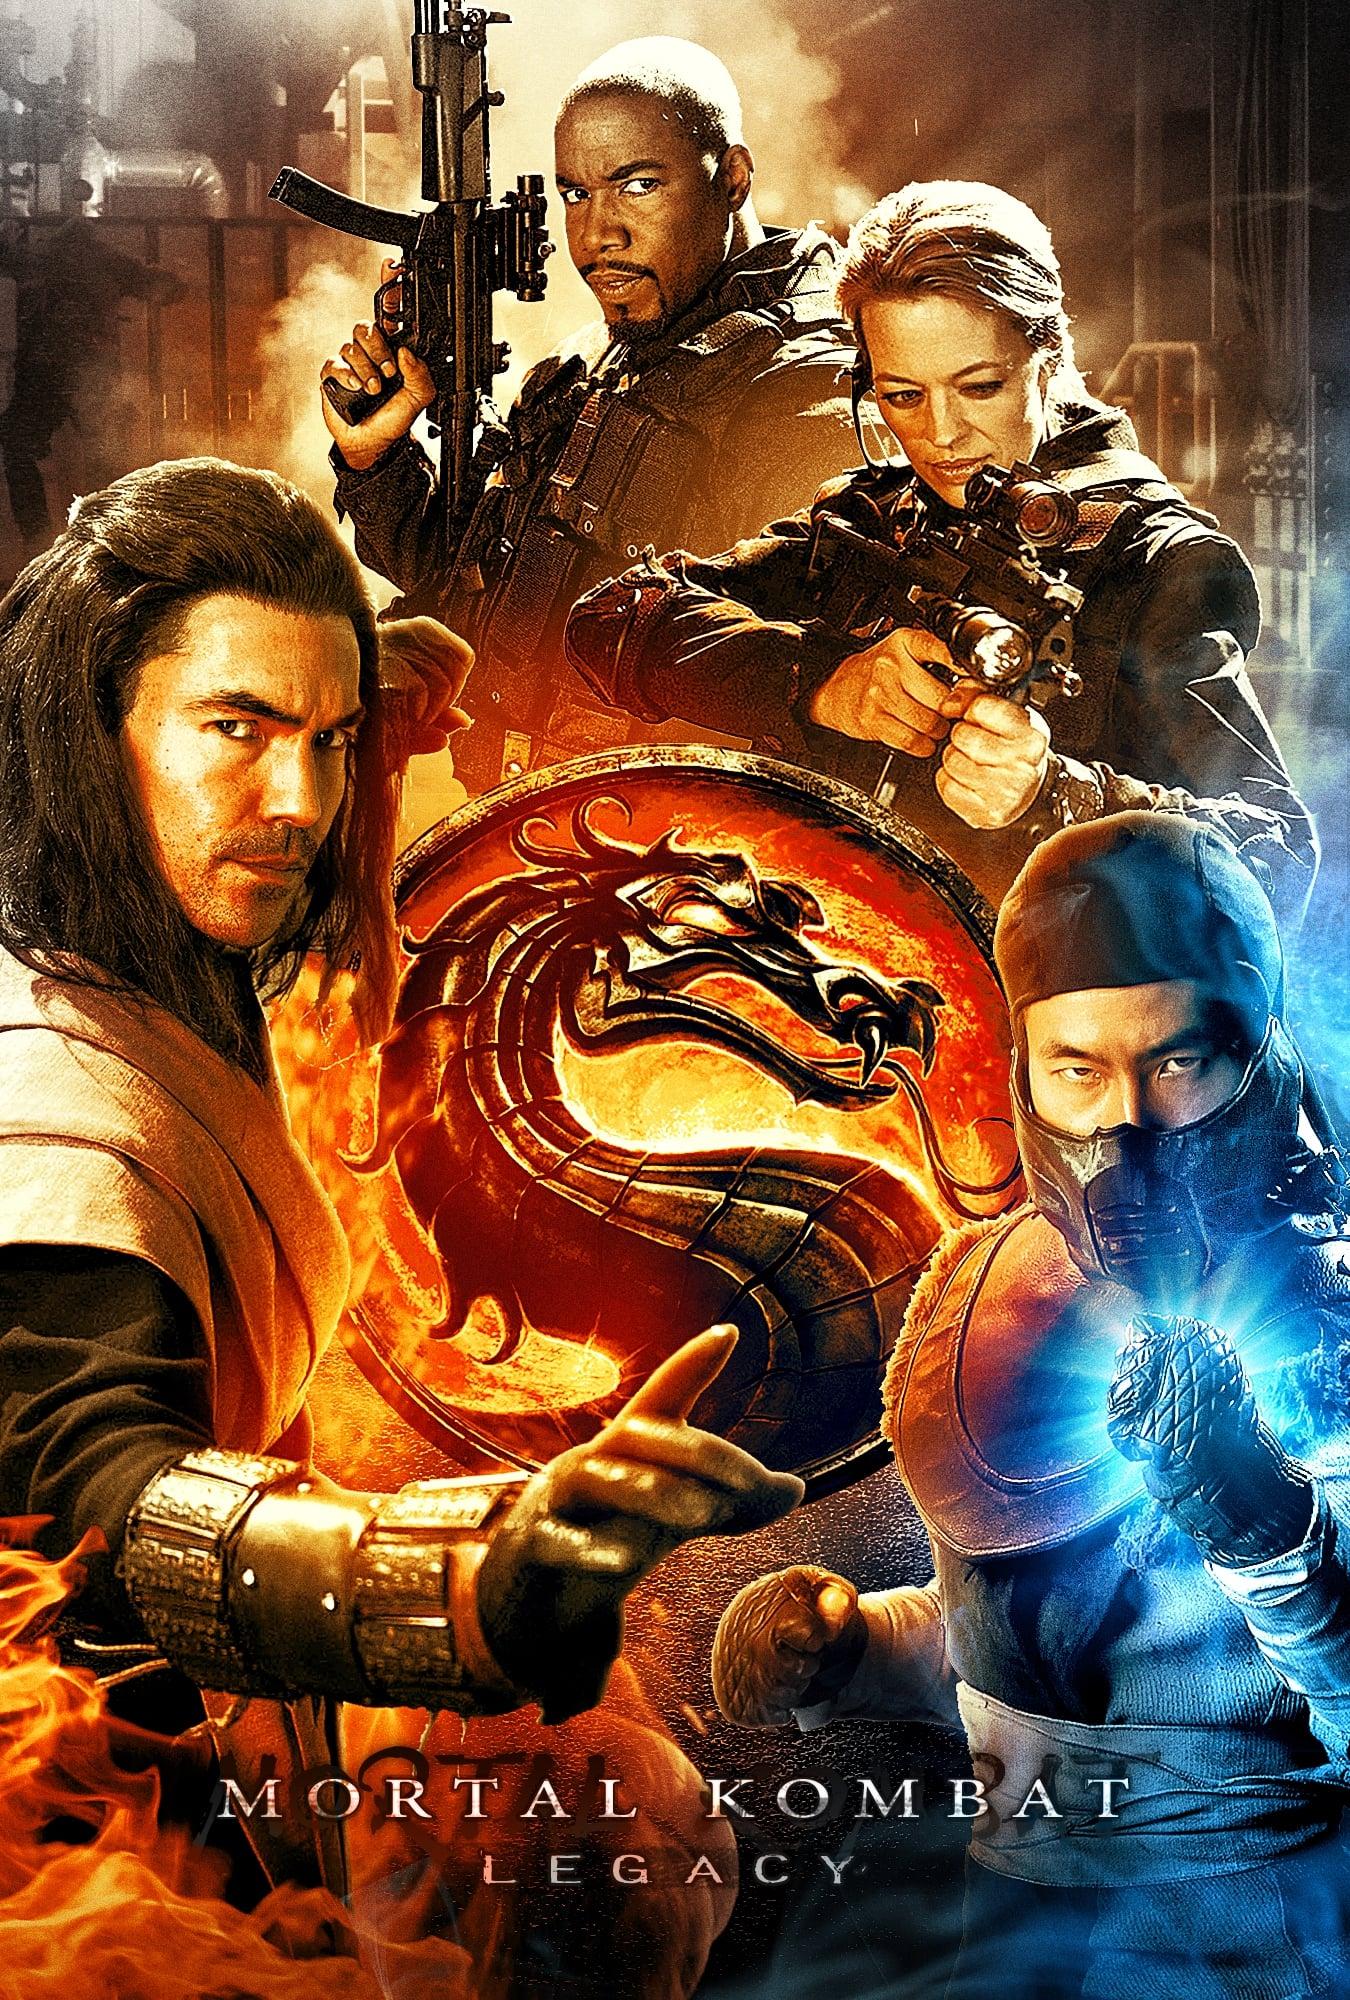 Mortal Kombat: Legacy (TV Series 2011-2013) - Posters ...